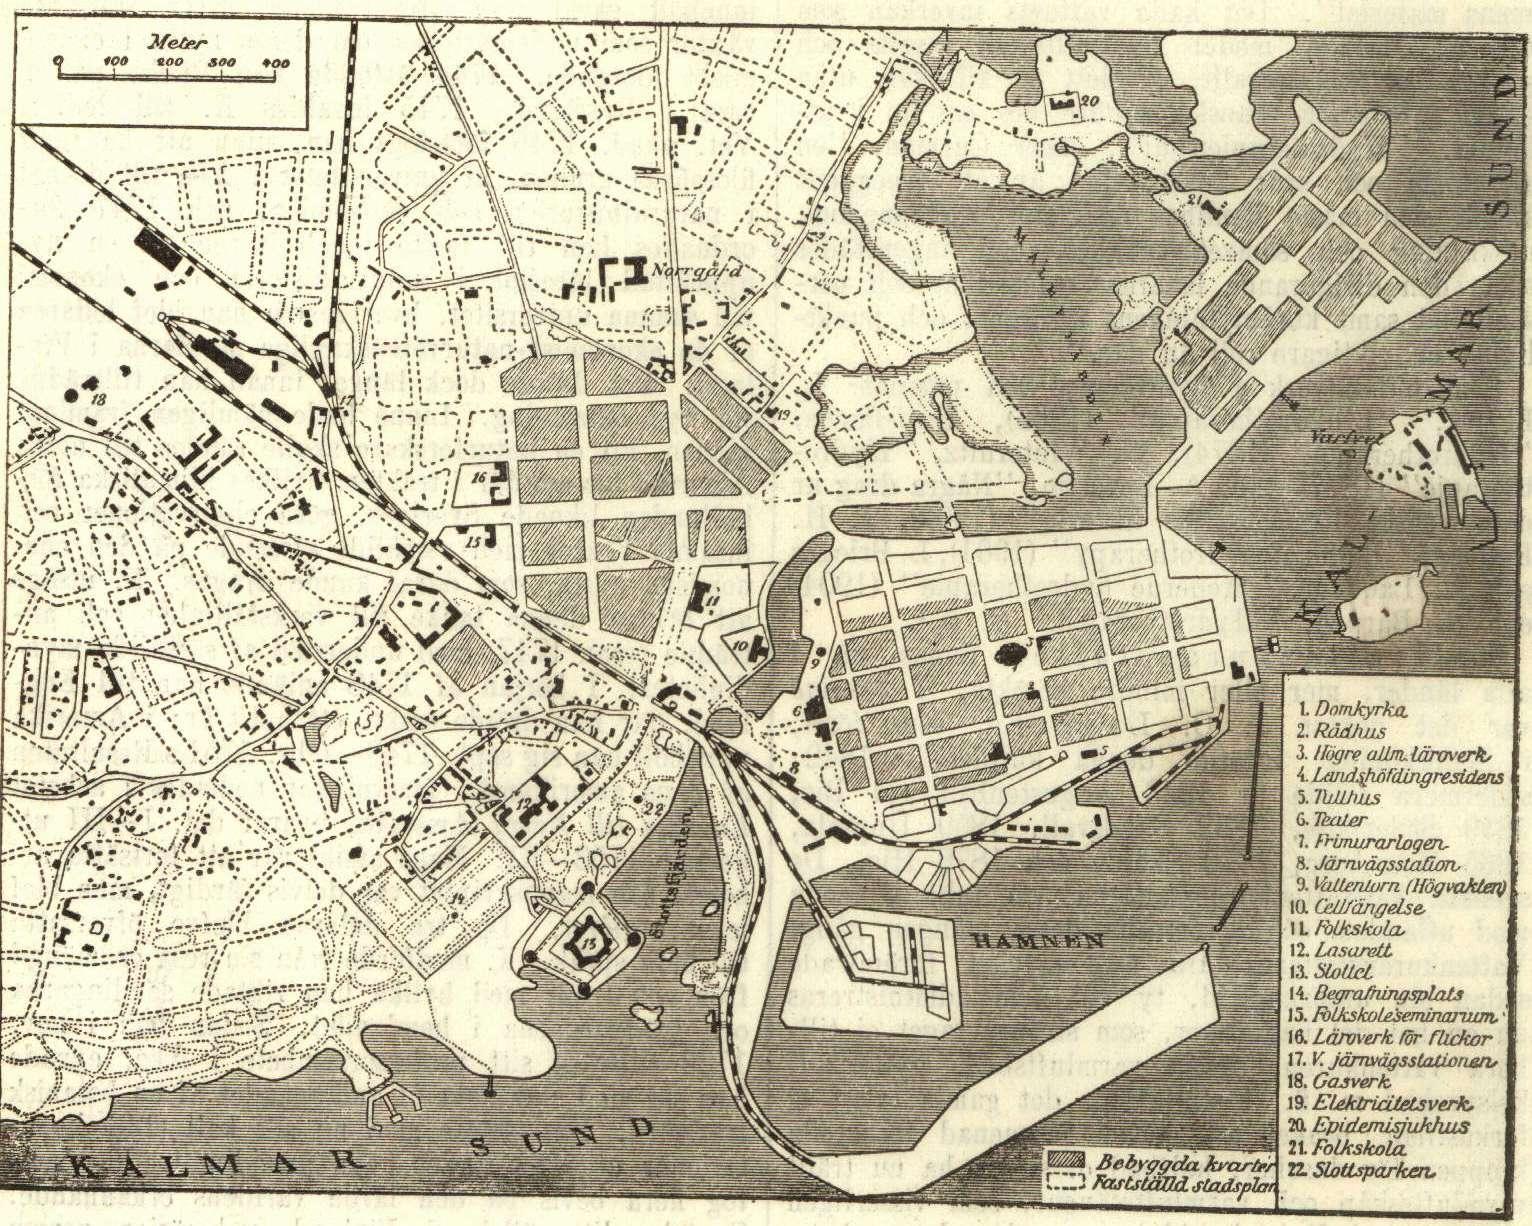 kalmar karta Archivo:Kalmar karta ugglan.   Wikipedia, la enciclopedia libre kalmar karta